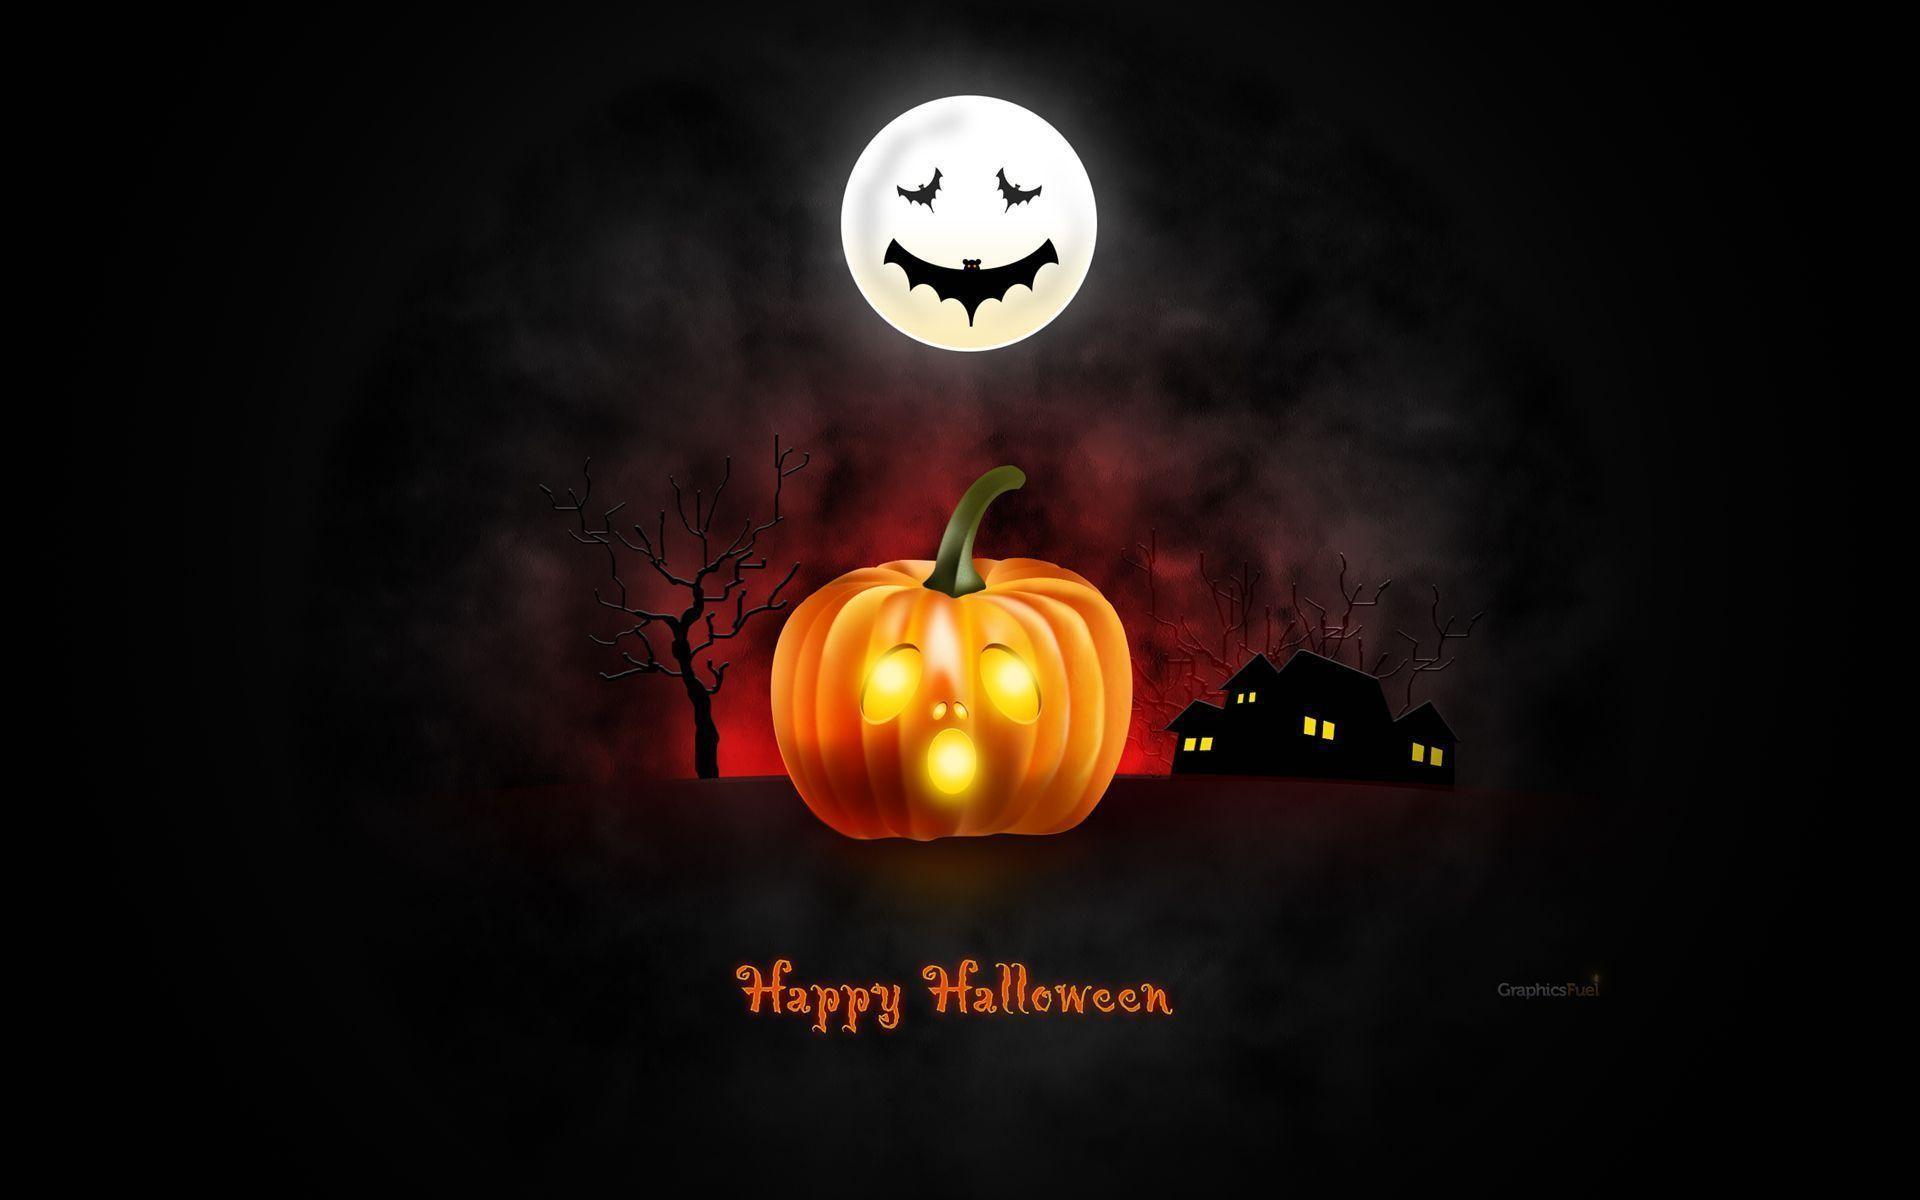 Halloween Wallpaper Desktop 69 Pictures